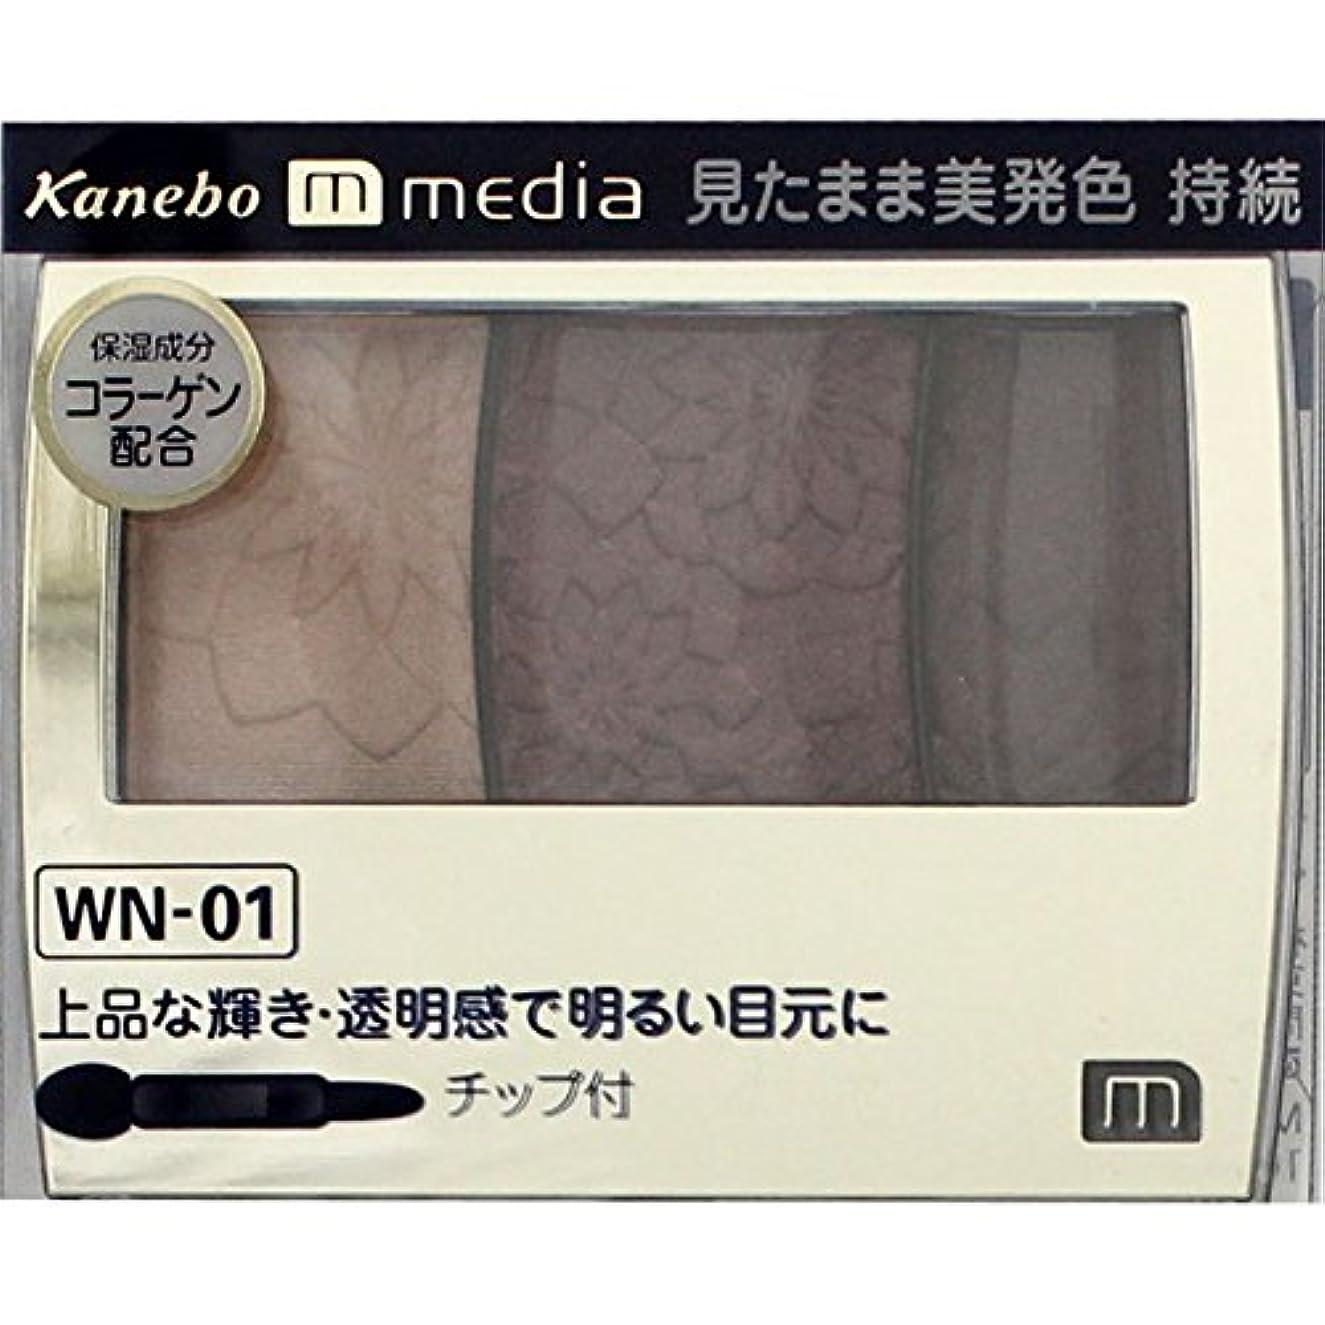 叫び声溶岩非難【カネボウ】 メディア グラデカラーアイシャドウ WN-01